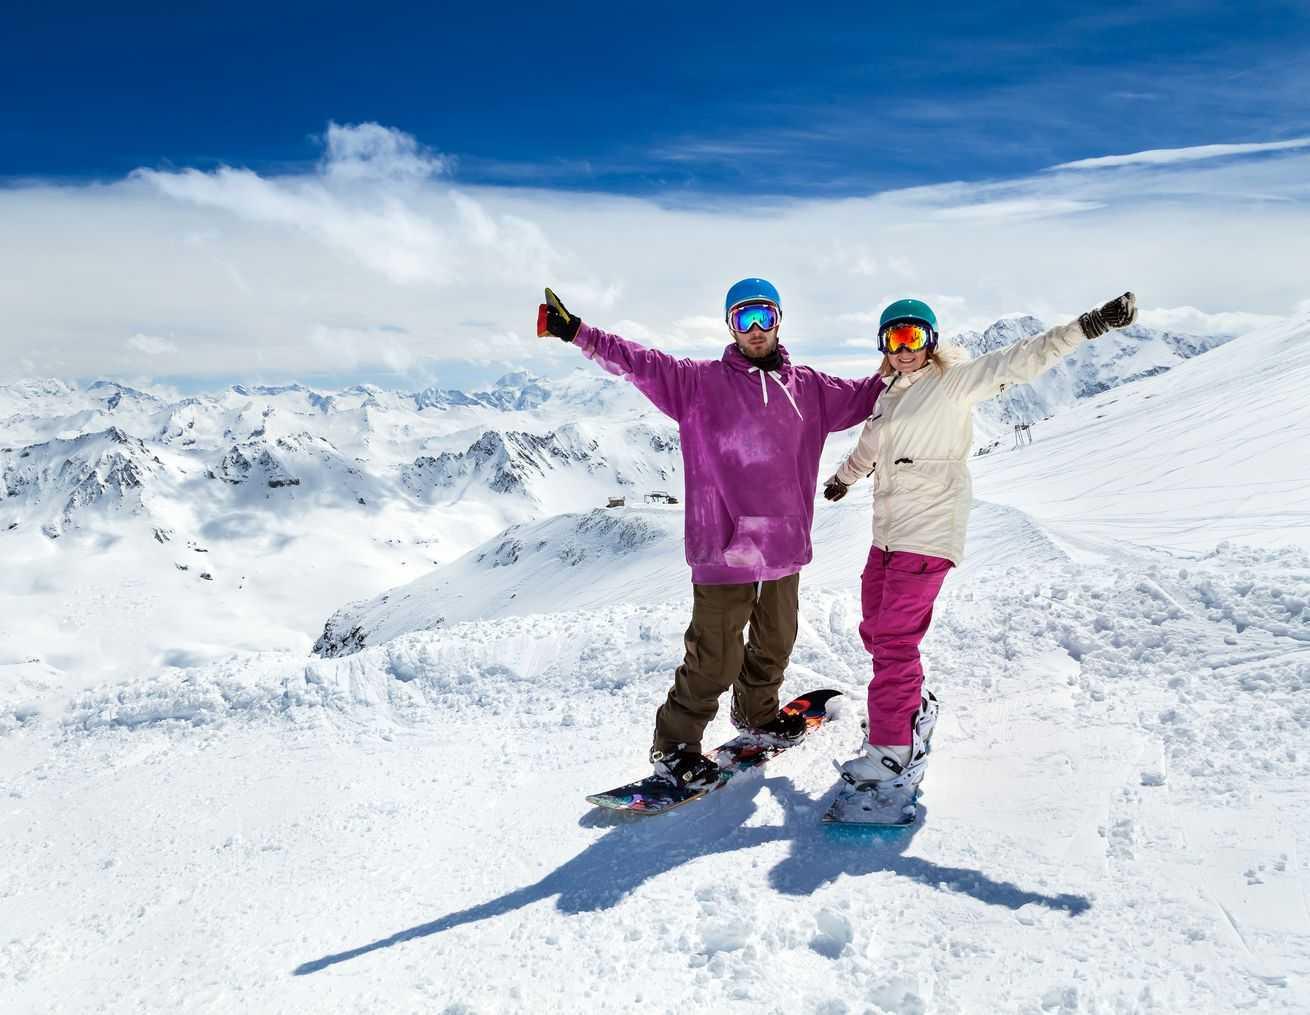 Savaitgalio slidinėjimo kelionė į Zakopanę! Kelionė autobusu, 3 n. viešbutyje su pusryčiais, kelionės vadovas iš Lietuvos bei ekskursinė programa!